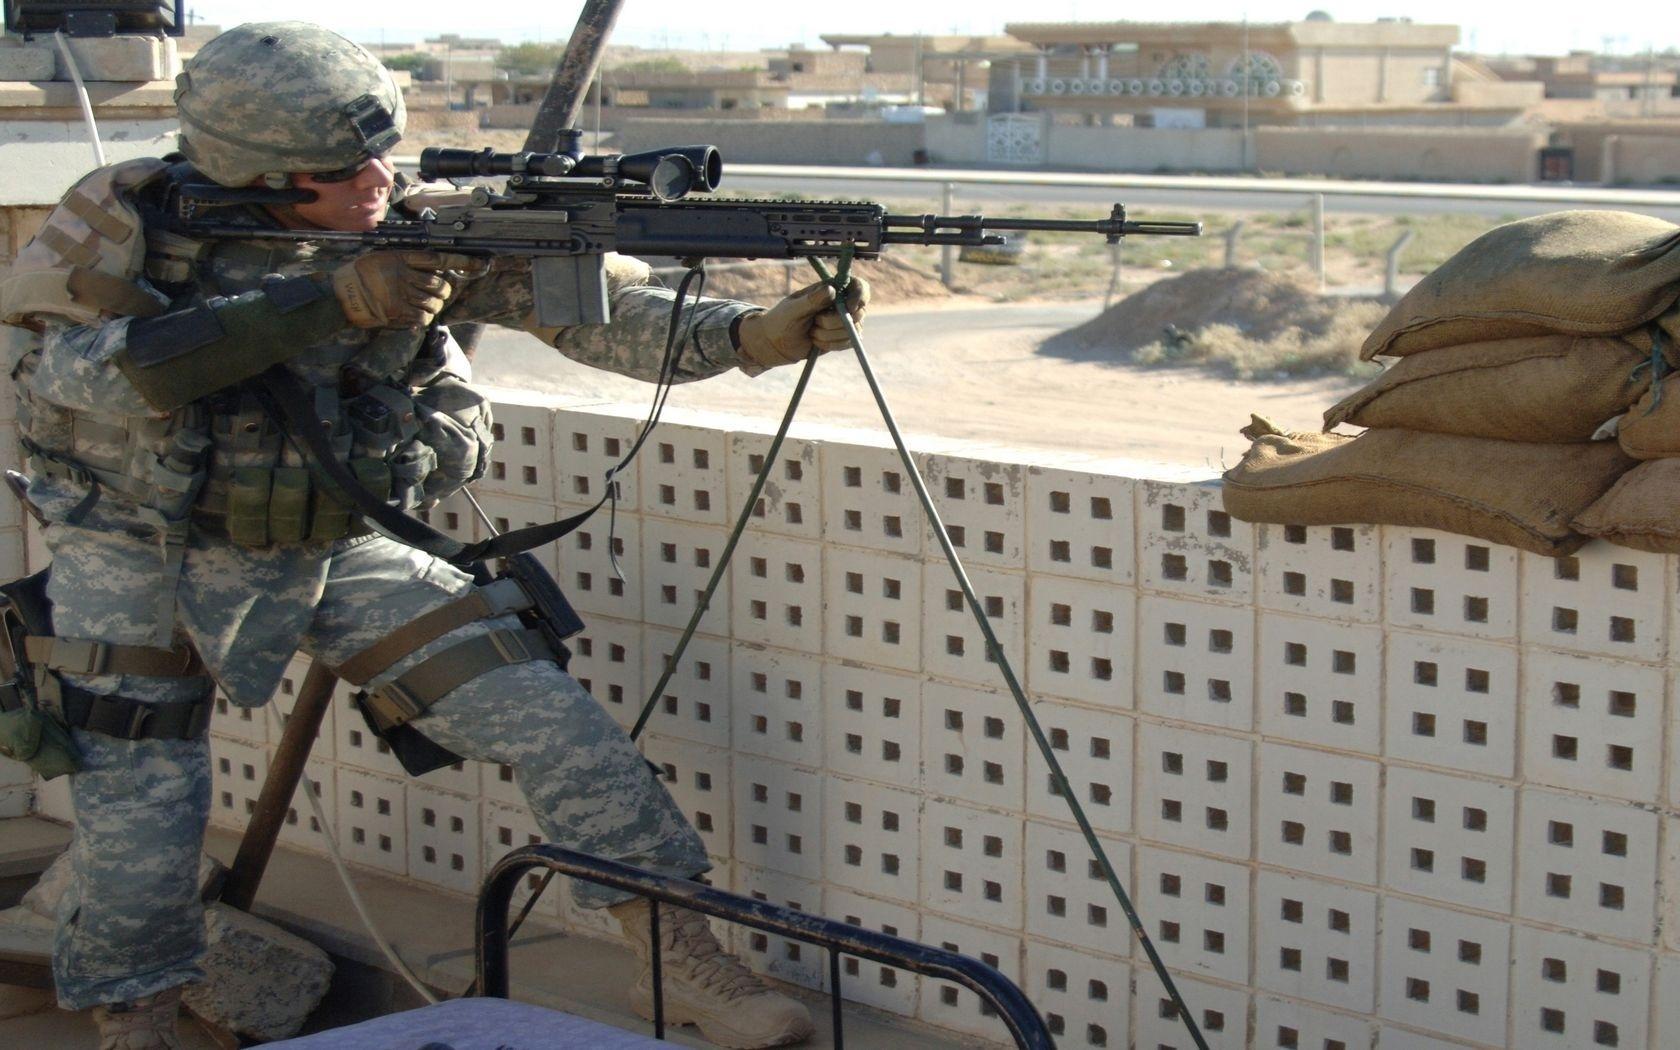 Militär - Scharfschütze  - Supersnipersal - Army Hintergrundbild